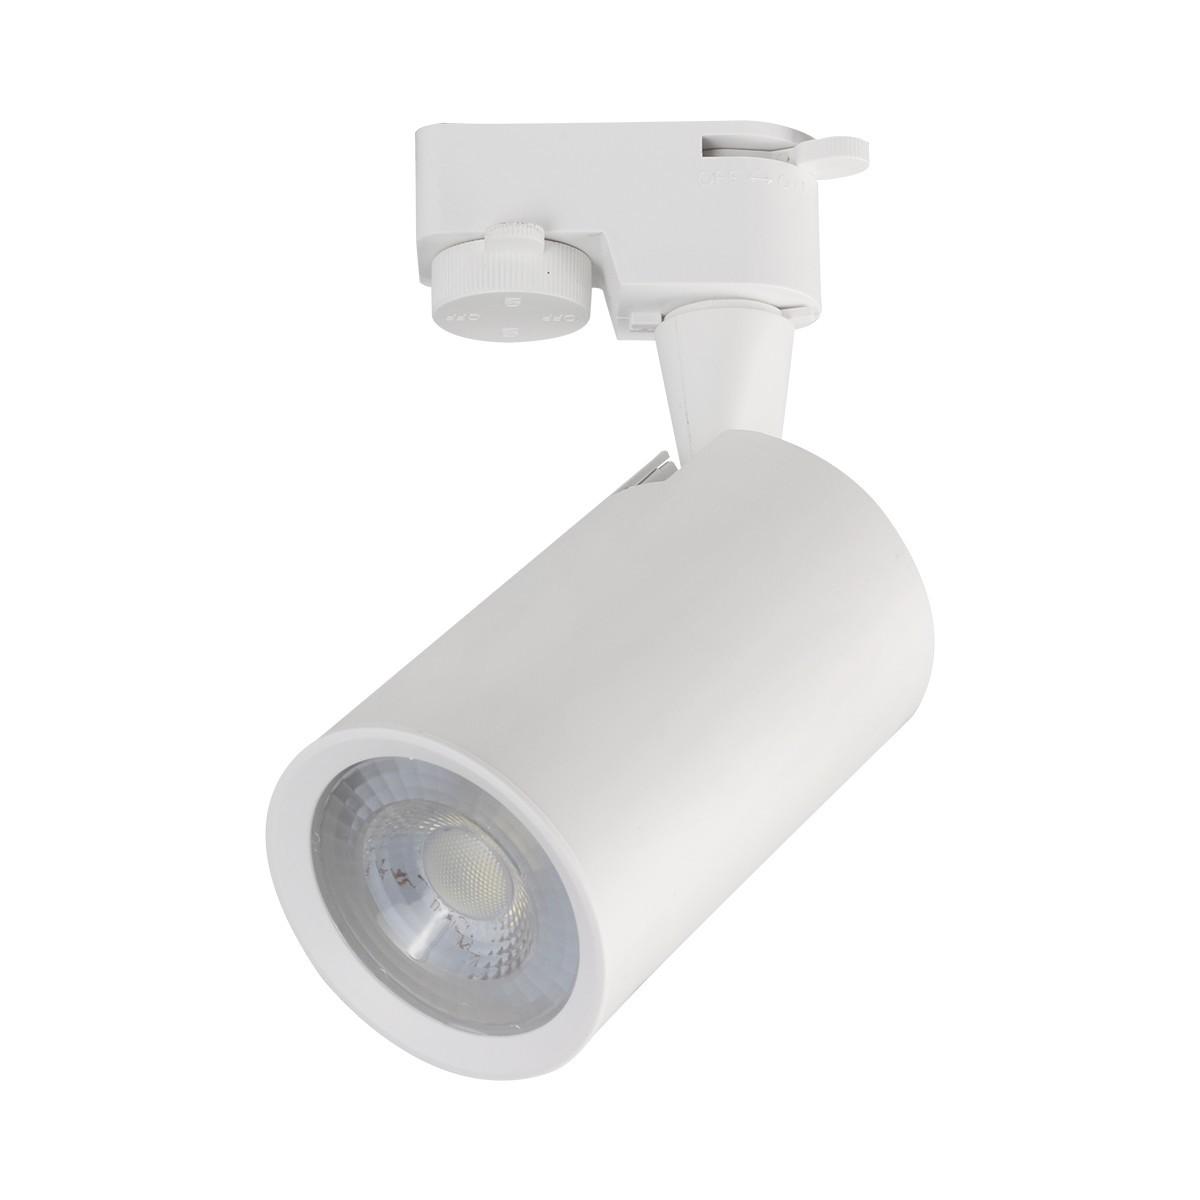 Spot LED Branco Aluminio 5W Bivolt Luz Branca LM1036 - Luminatti